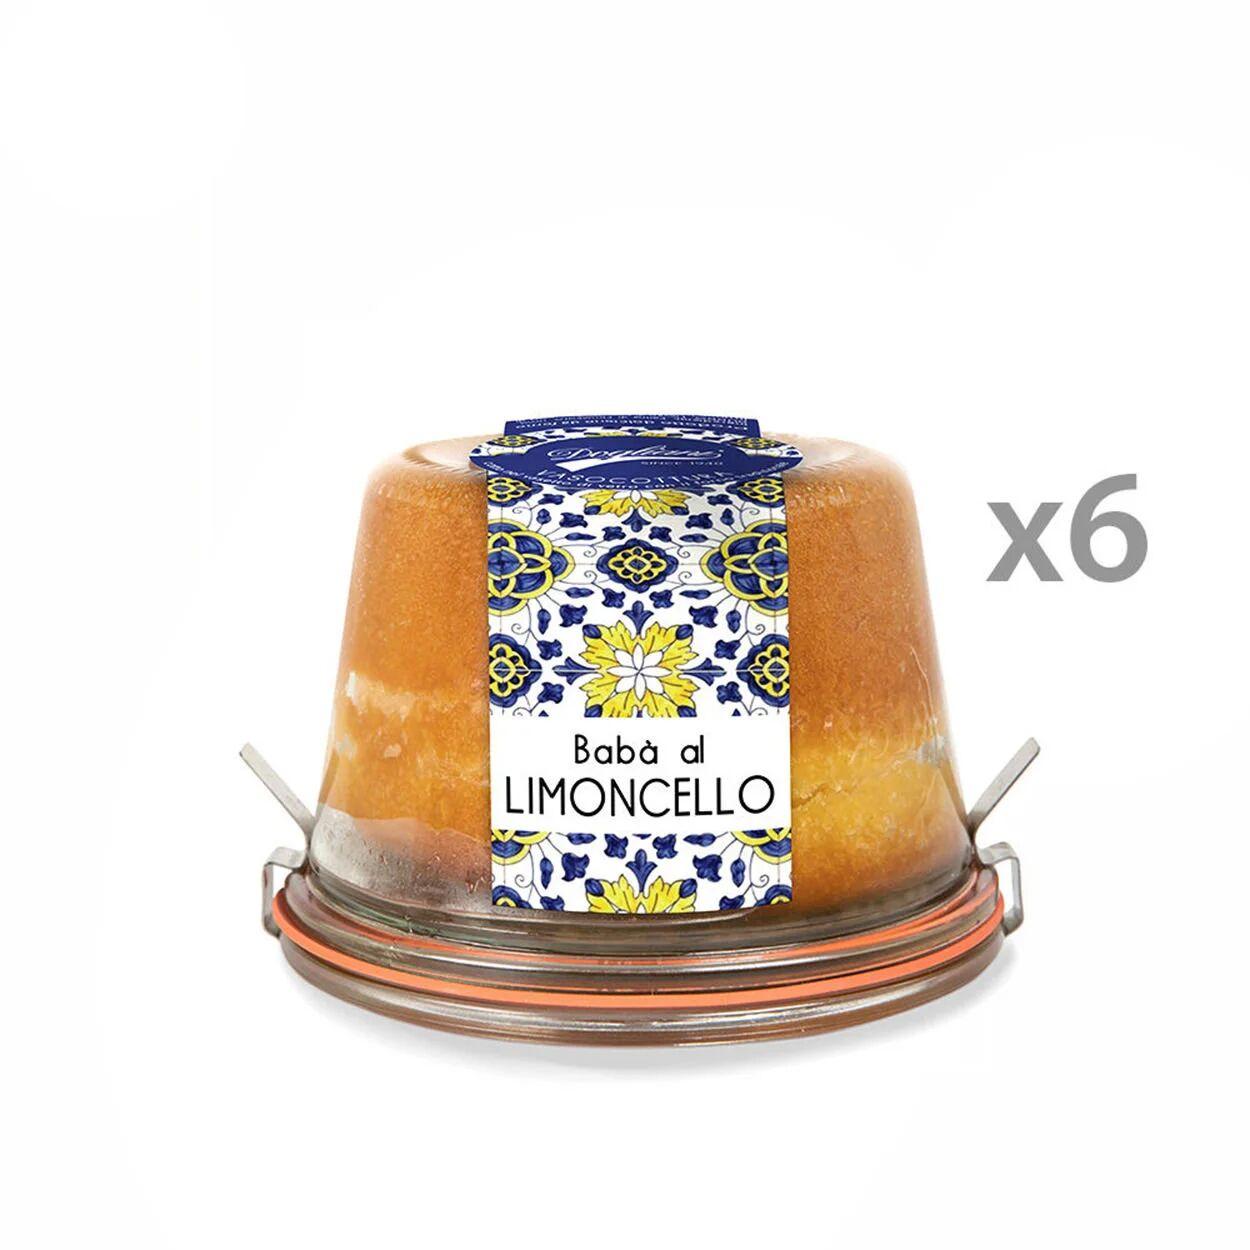 dogliani 6 confezioni - babà al limoncello in vaso cottura 200 gr